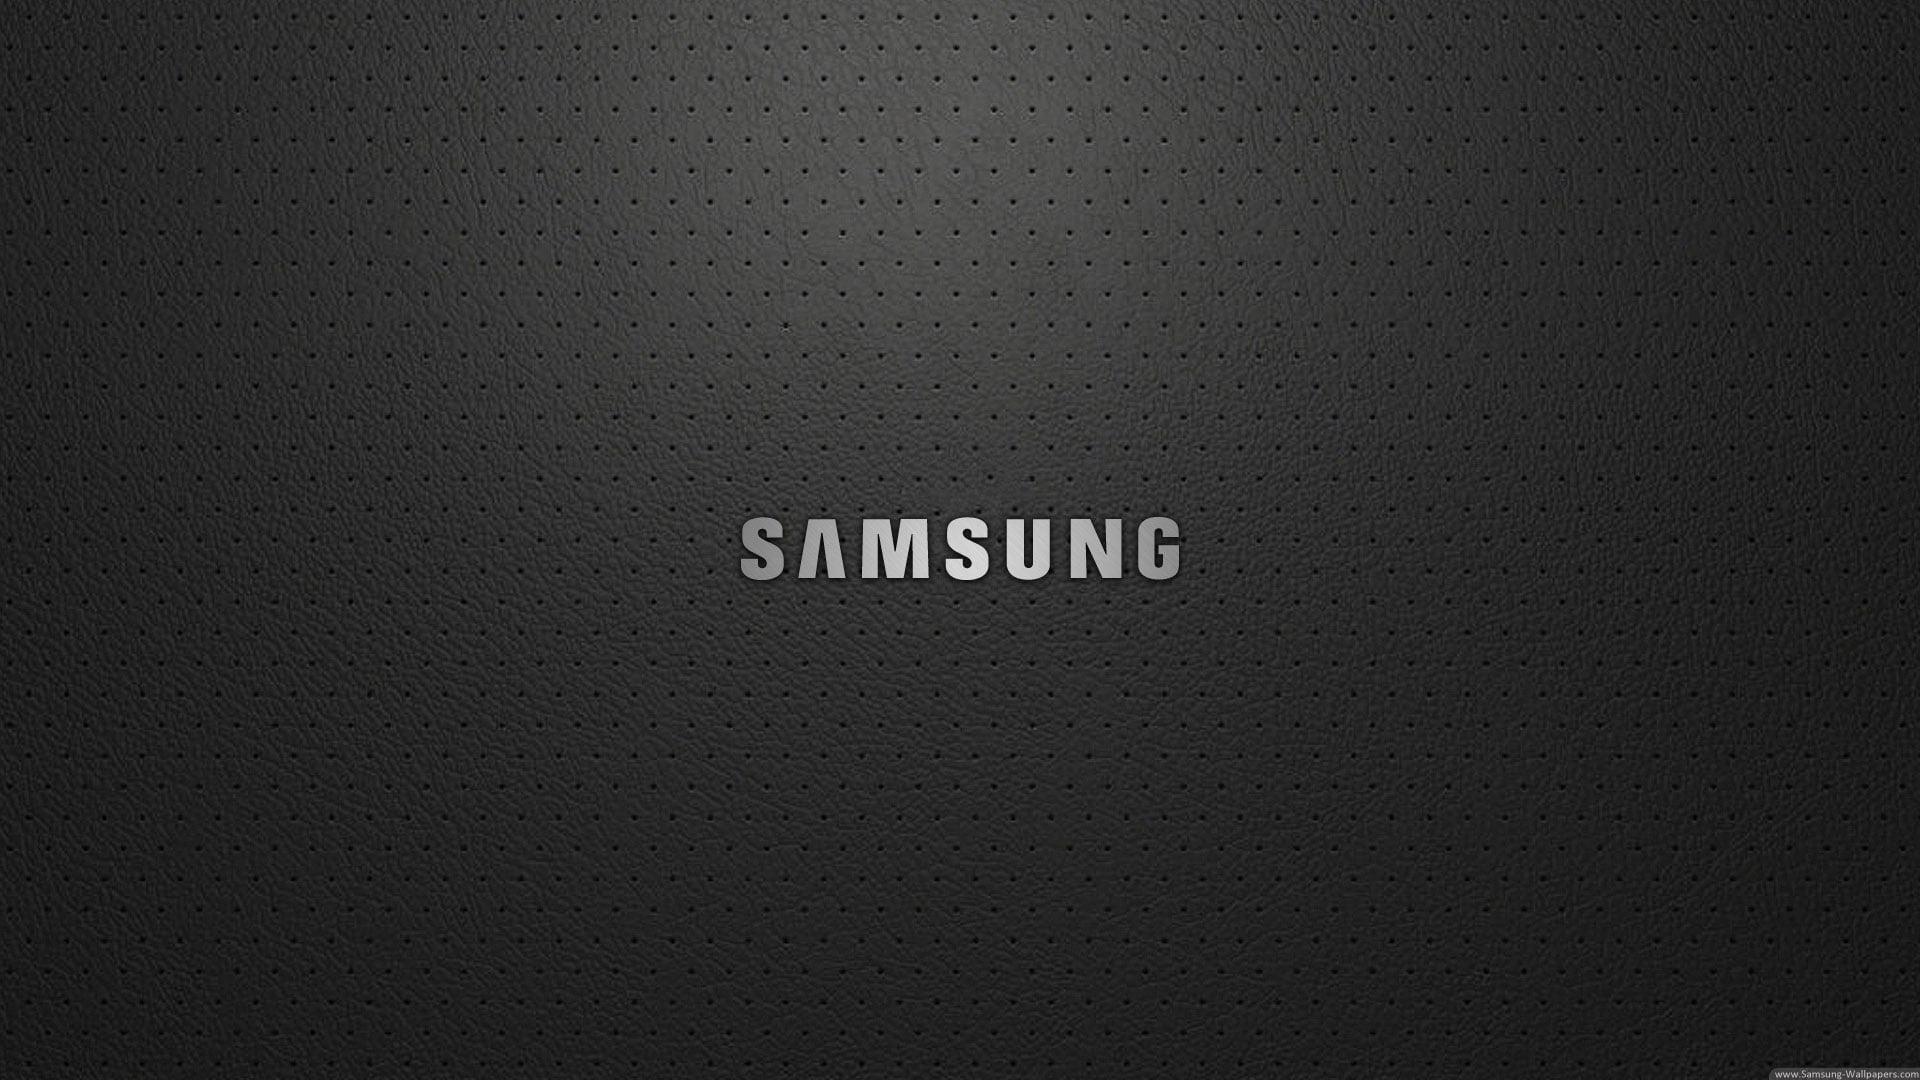 Android L dla Galaxy Note'a 4 i S5 jeszcze w tym roku?